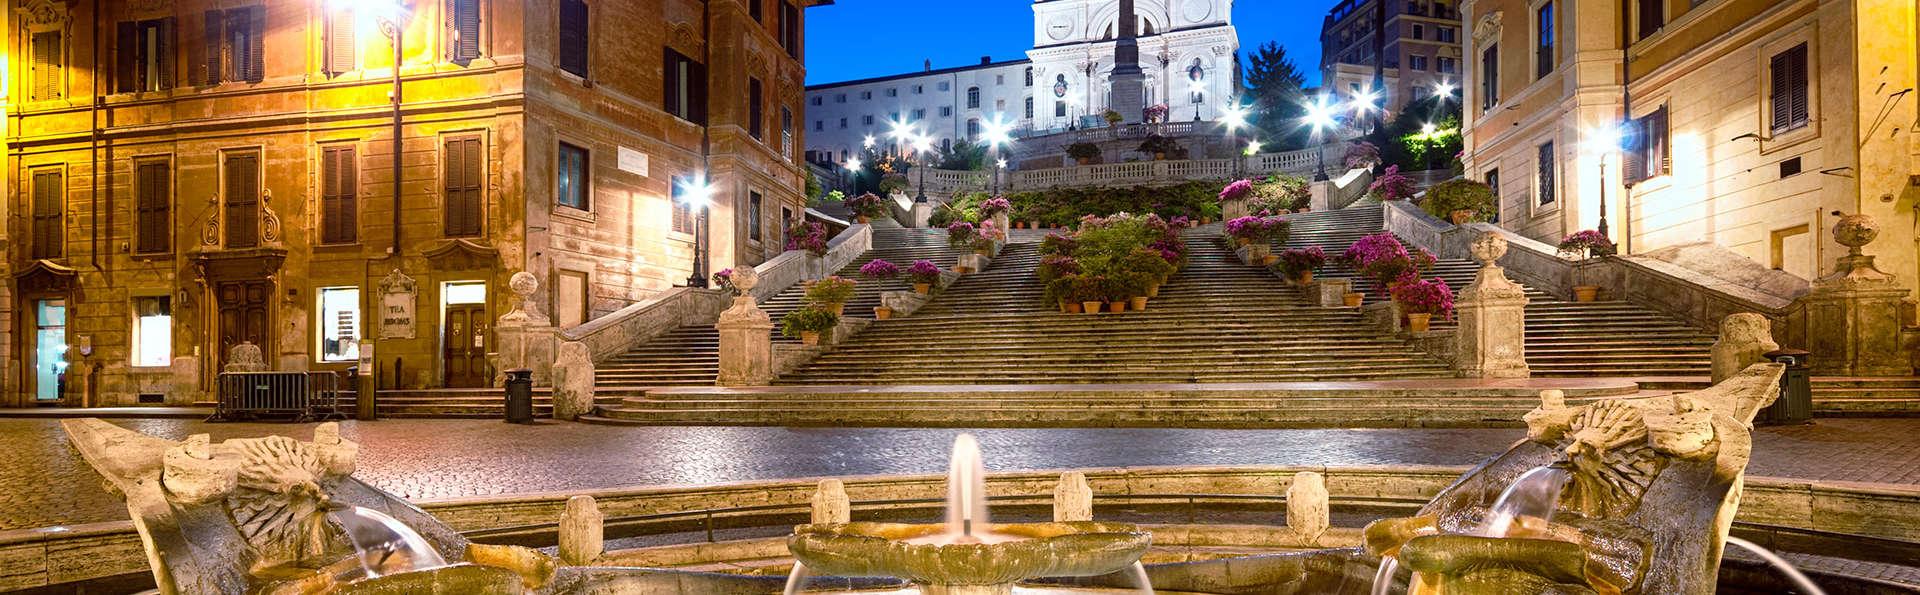 Nuit et petit-déjeuner à prix spécial au centre de Rome (à partir de 2 nuits)